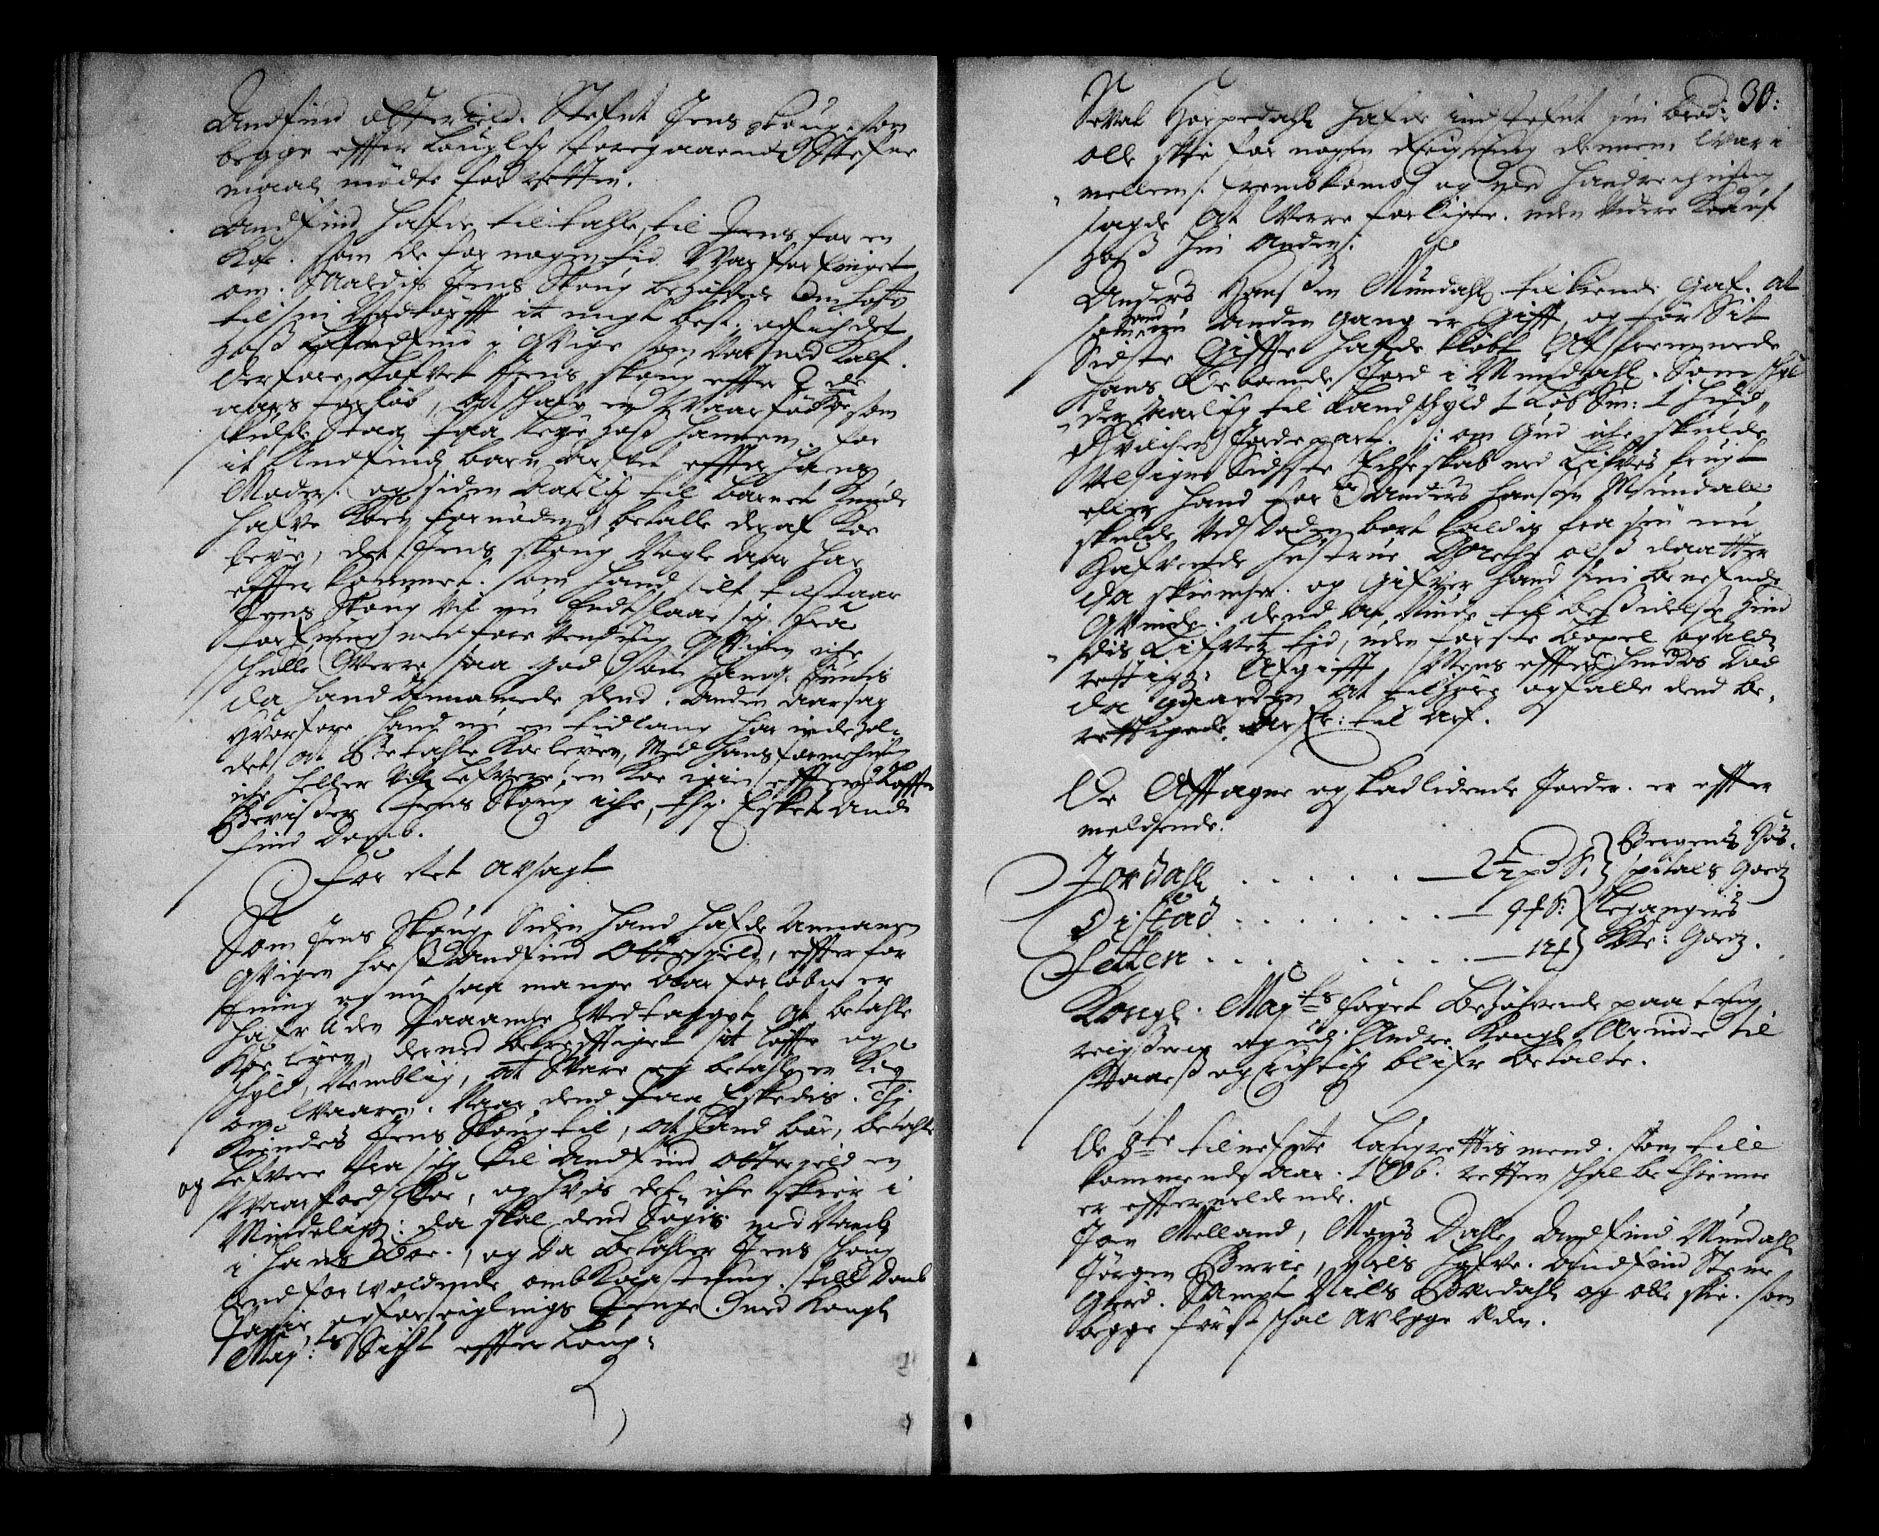 SAB, Ytre Sogn tingrett, F/Fa/L0026: Tingbok (justisprotokoll), 1705-1706, s. 29b-30a